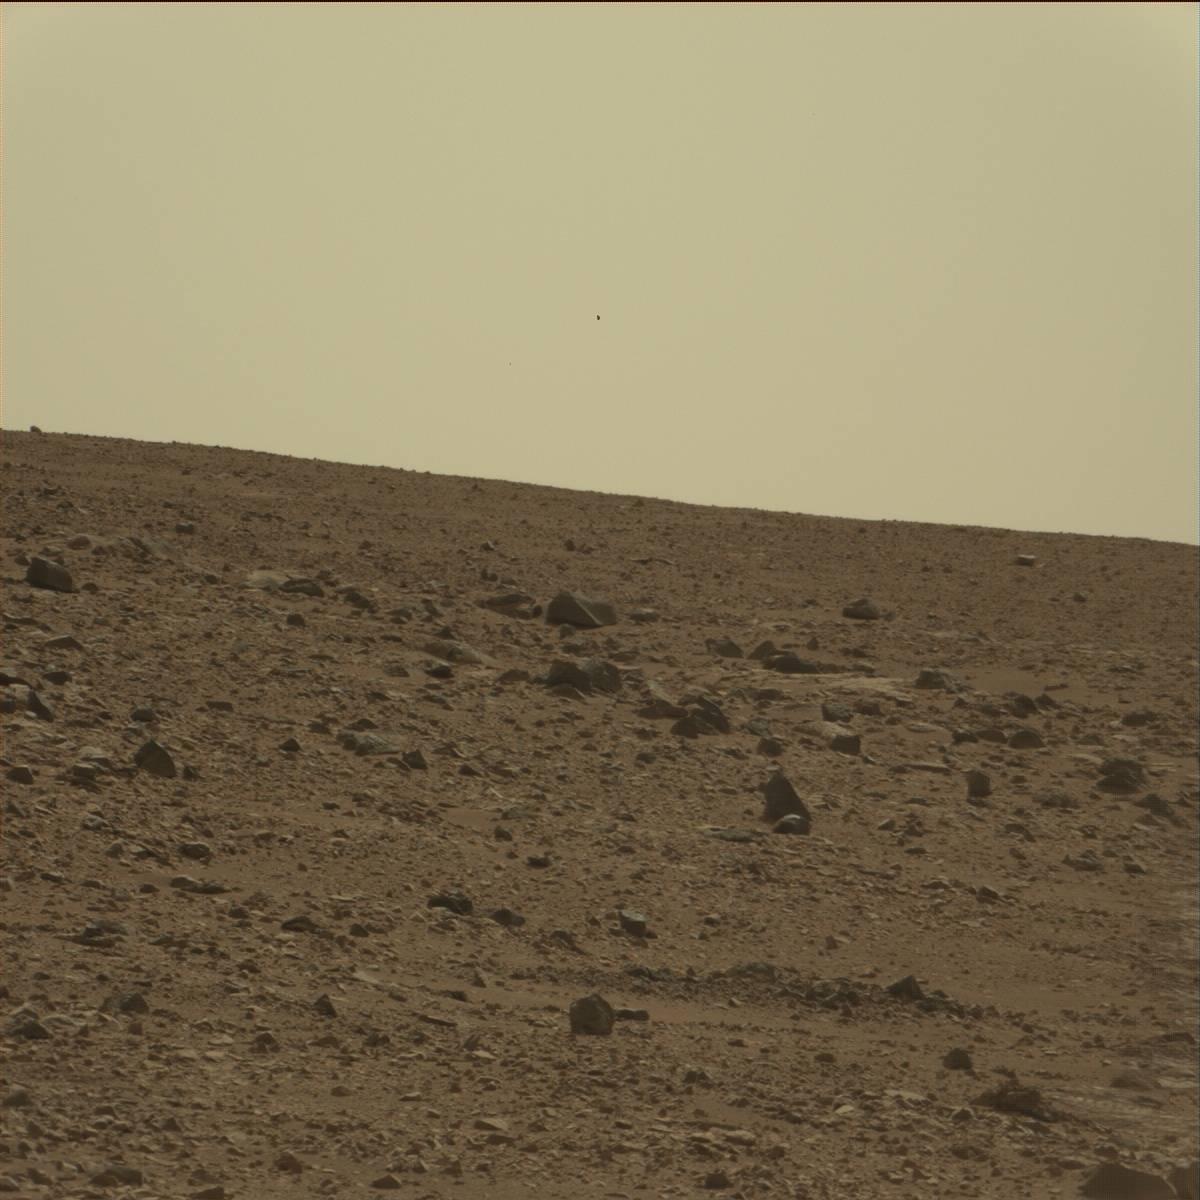 rover 75 mars - photo #28